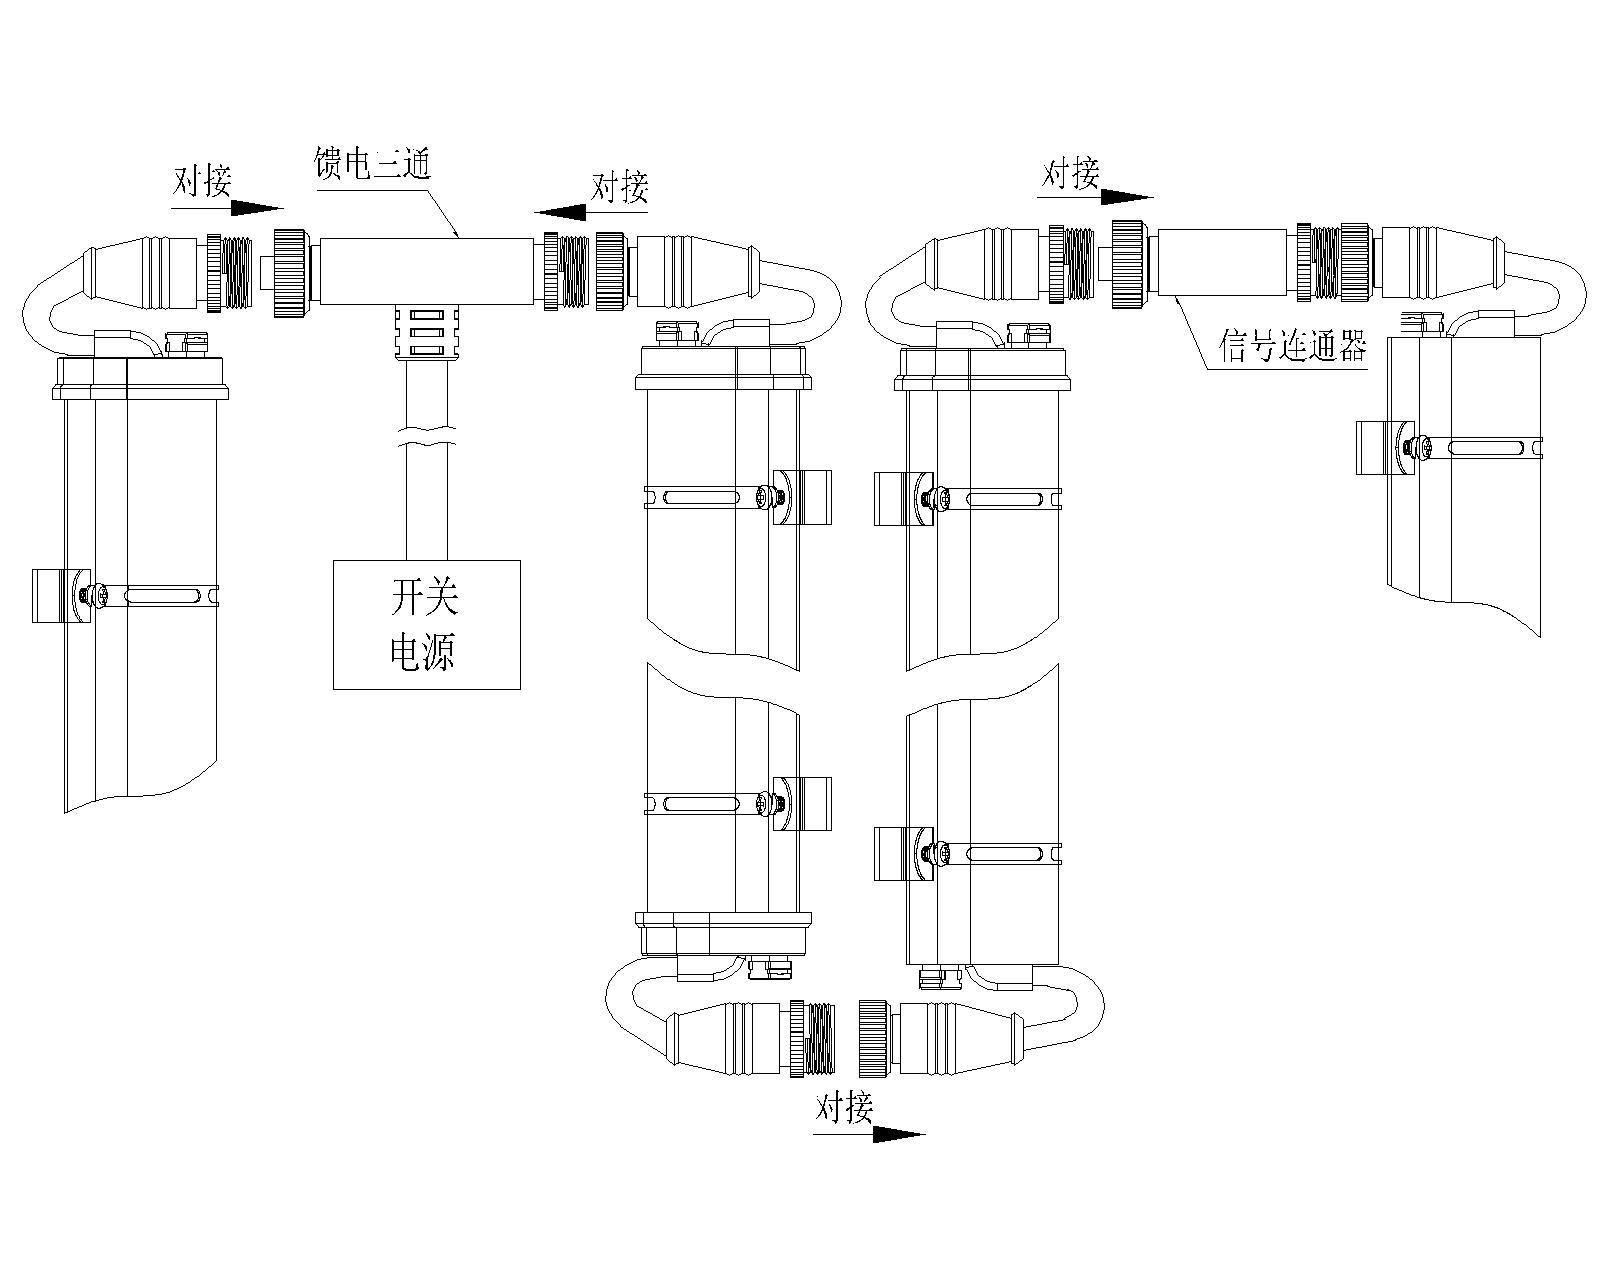 照明控制系统 电器附件 零器件/零部件  功率:12w 灯珠数量:144 leds